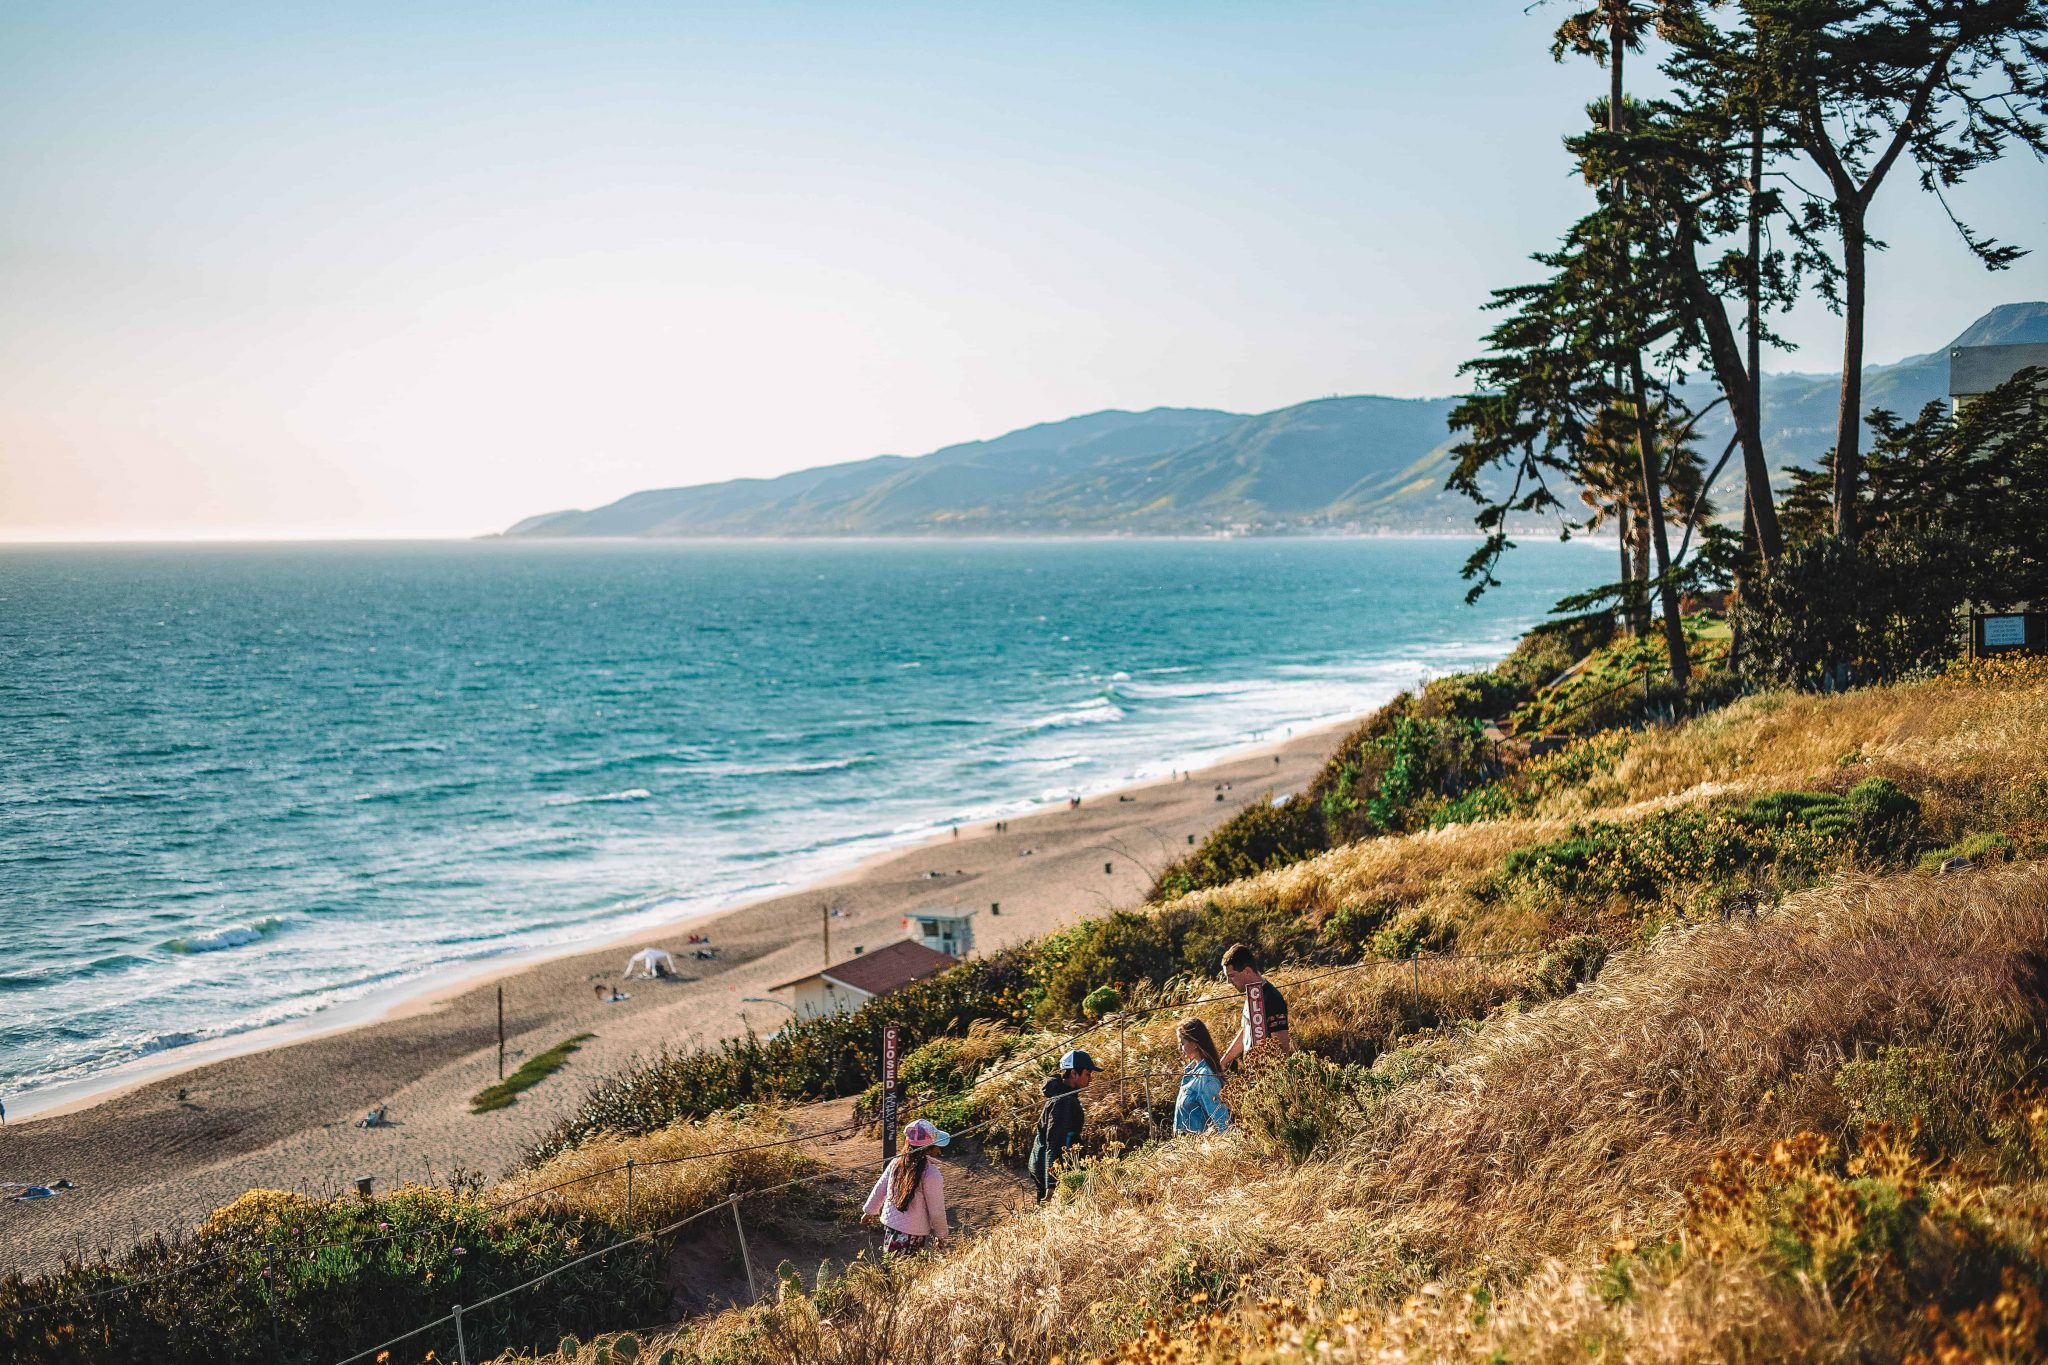 point dume state beach - cliffside beach in malibu